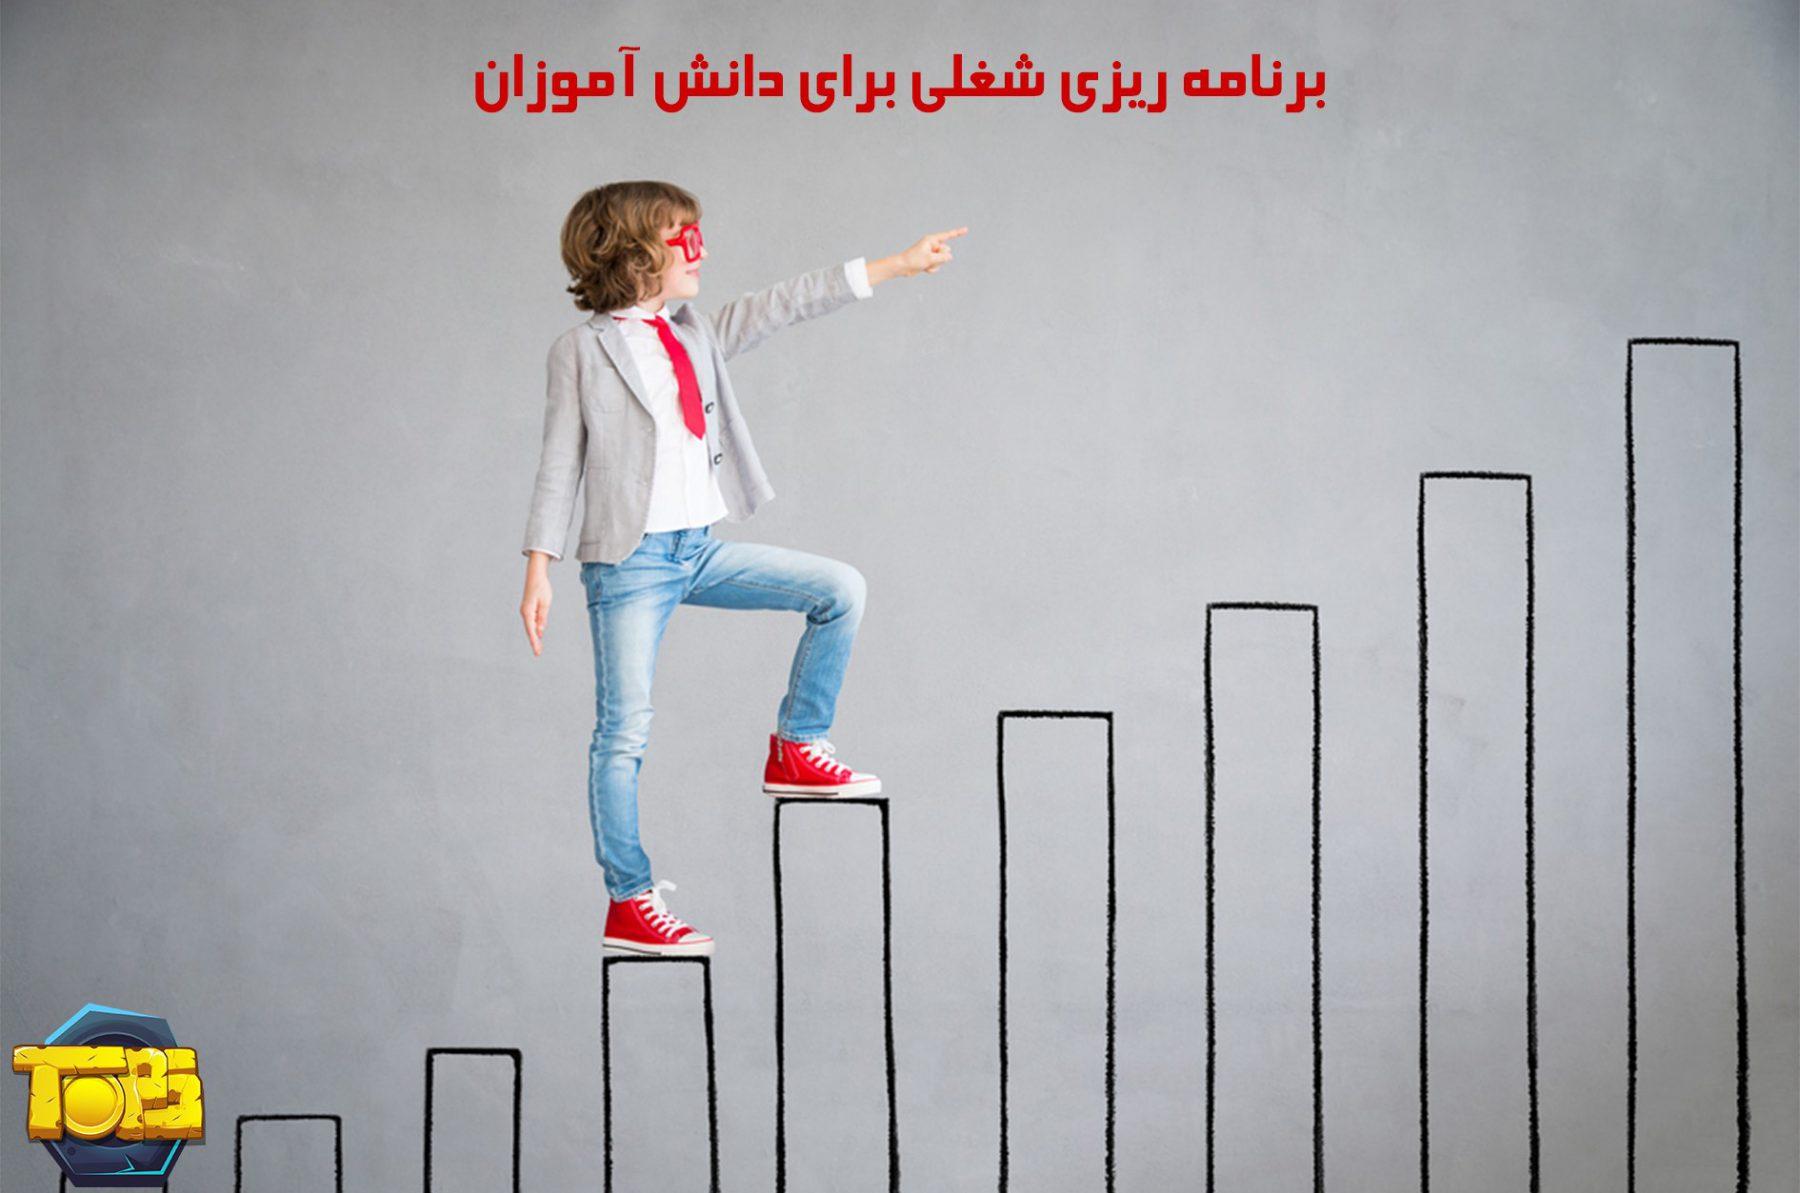 برنامه ریزی شغلی برای دانش آموزان